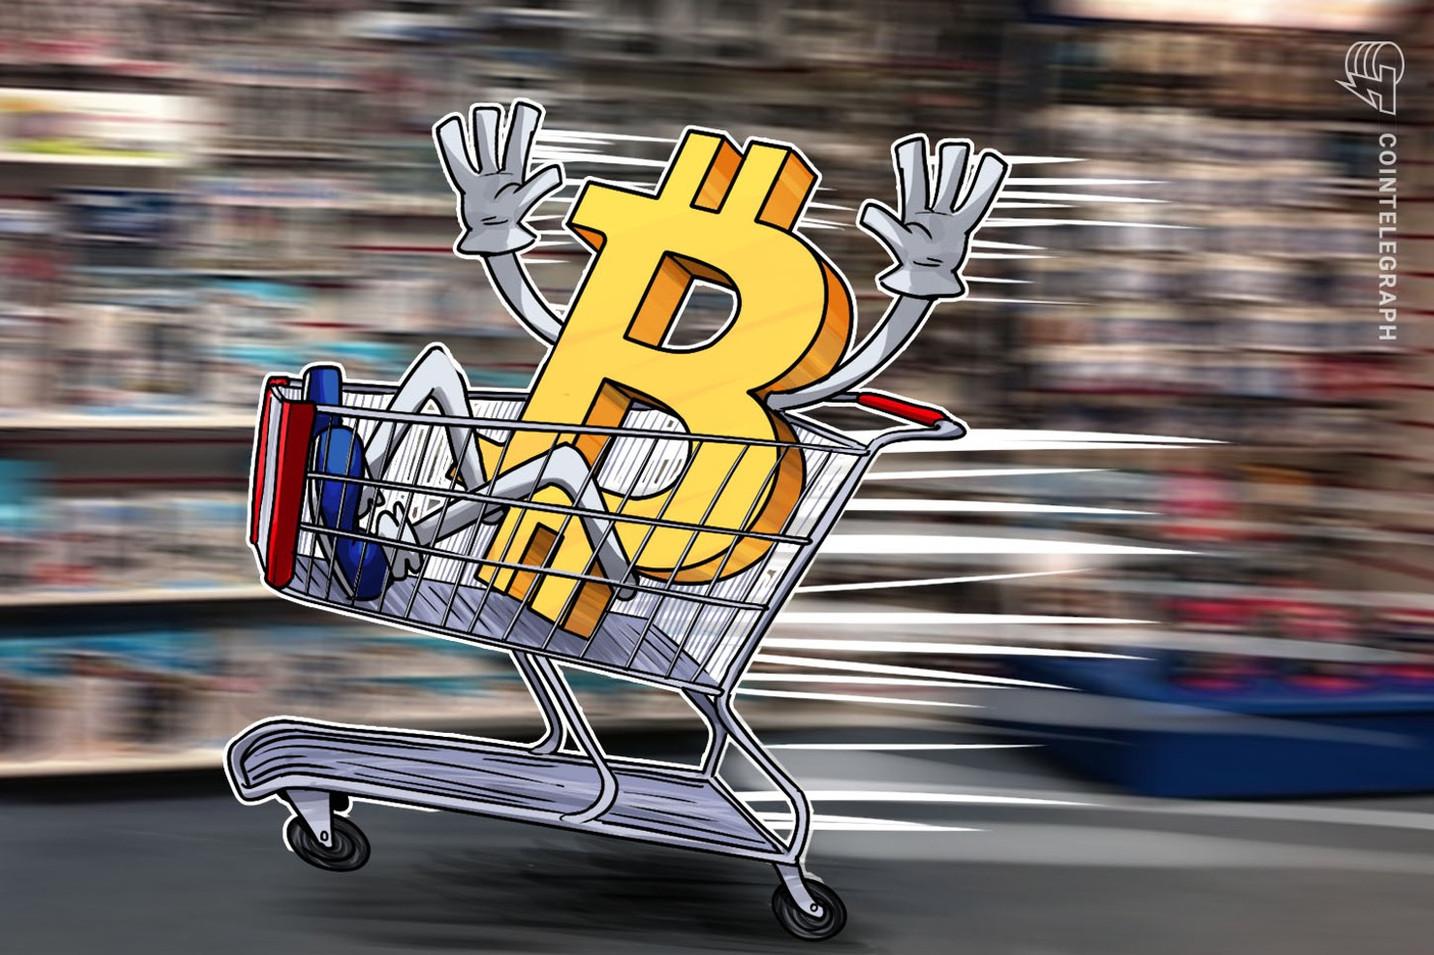 持久戦続くビットコイン、近々「凶暴な」値動きか【仮想通貨相場】